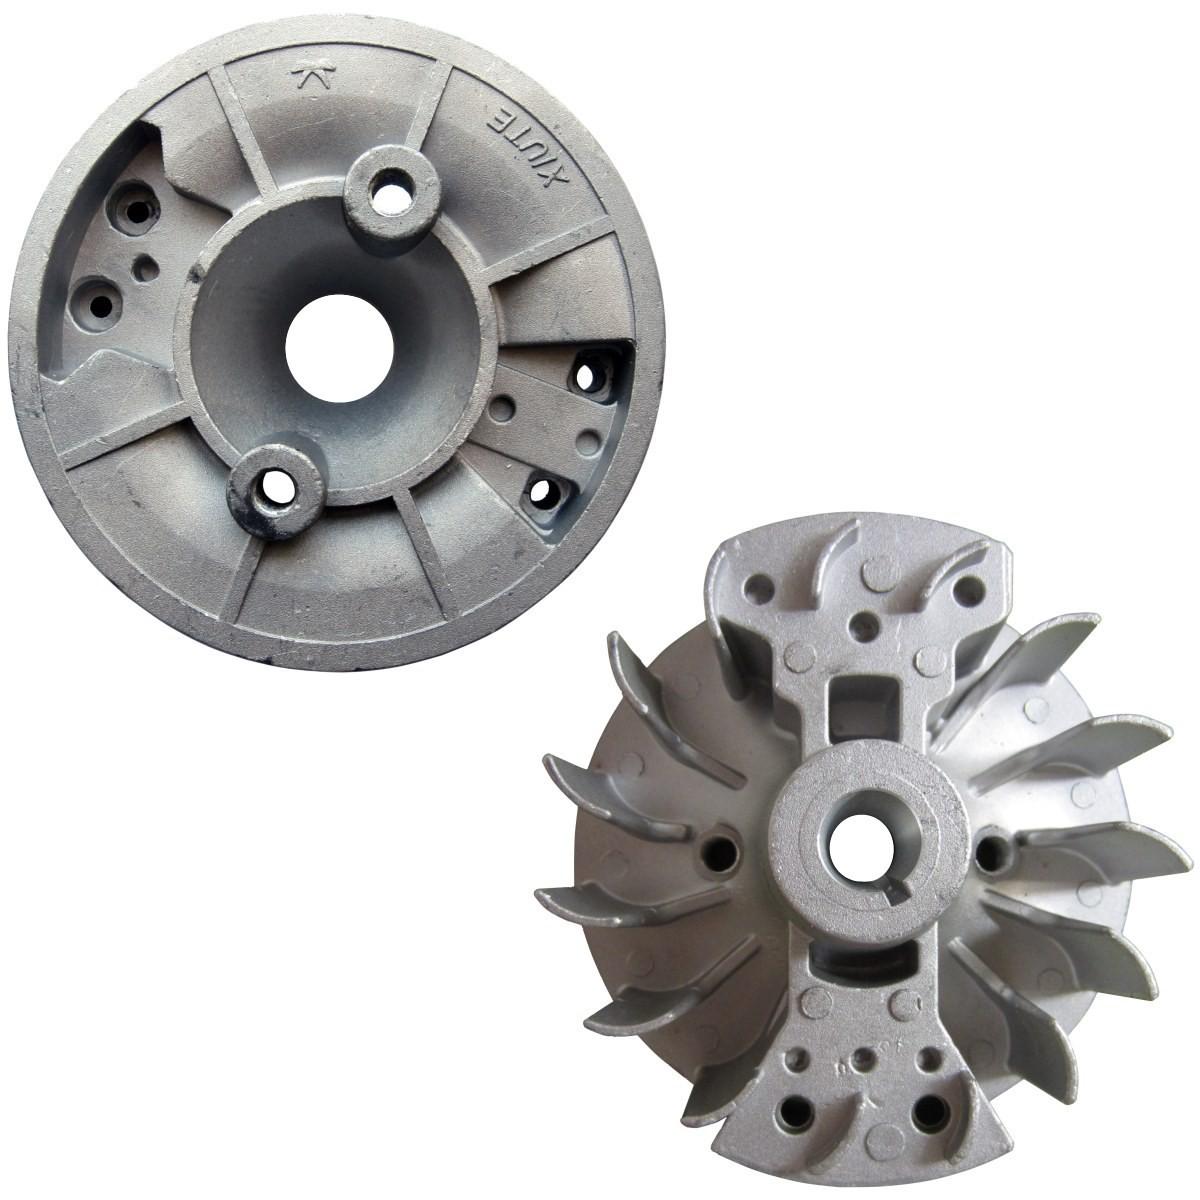 Volant magnétique pour débroussailleuse, multifonction 4 en 1, outil sur perche et tarière